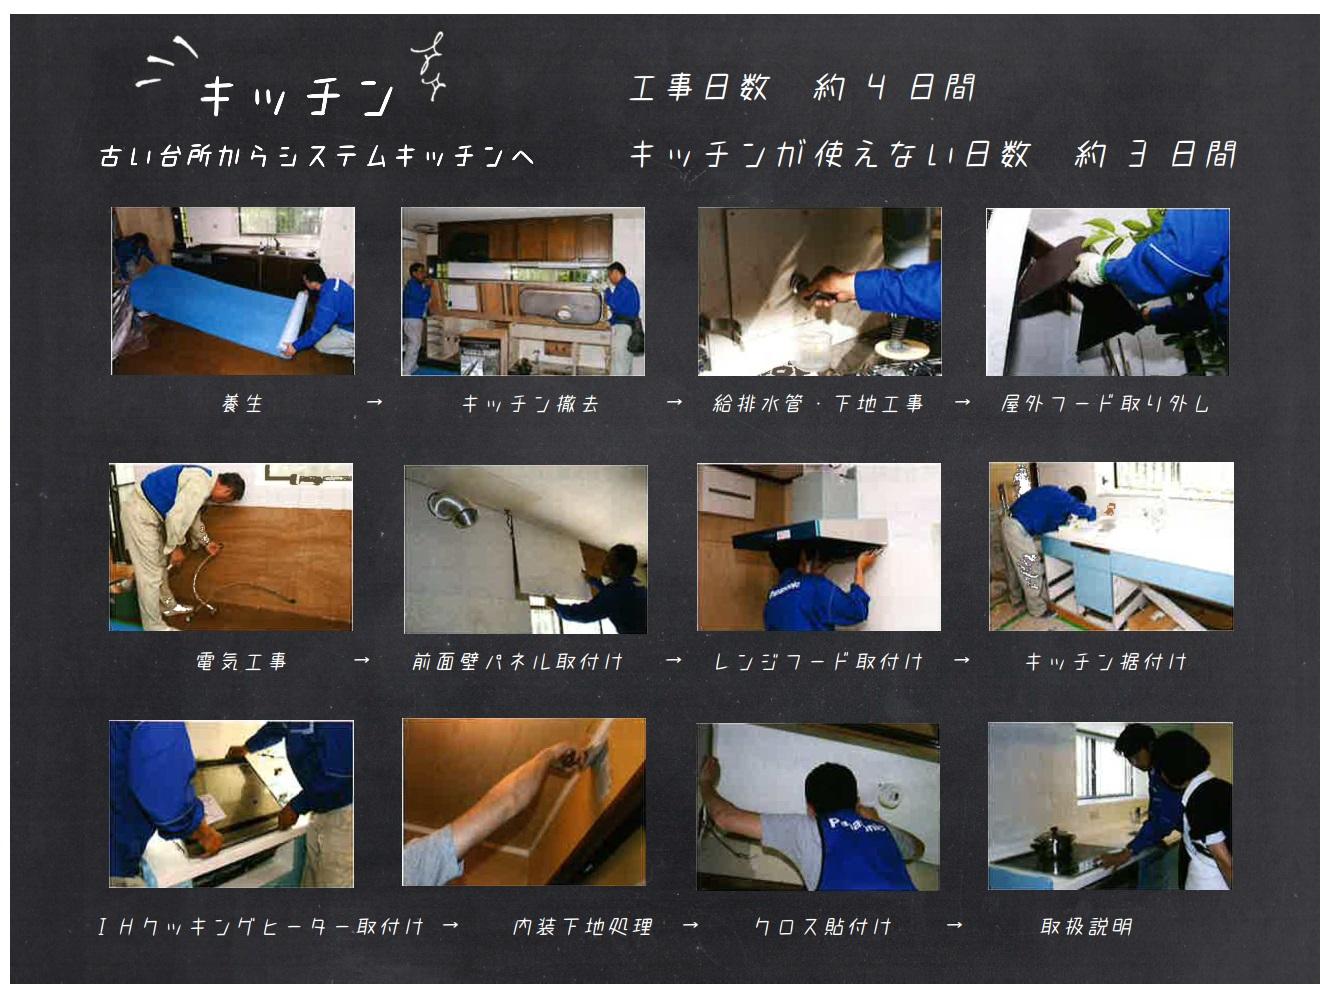 キッチンリフォーム工事日程